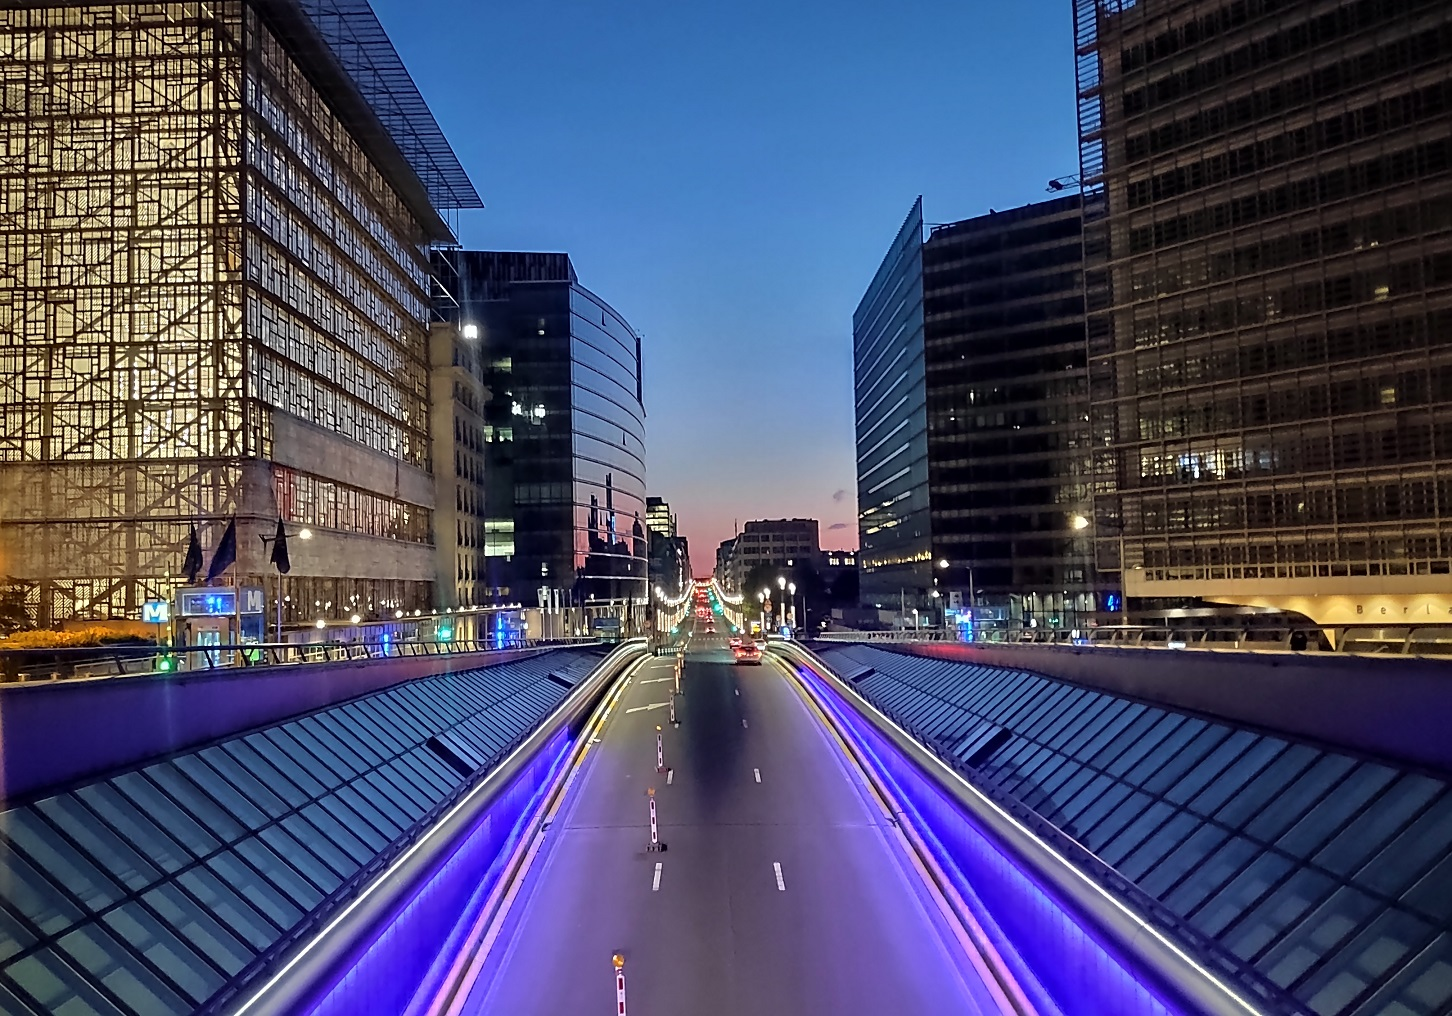 Öisessä sinertävässä näkymässä keskellä autotie, jonka molemmin puolin kohoaa EU-instituutioiden rakennuksia.